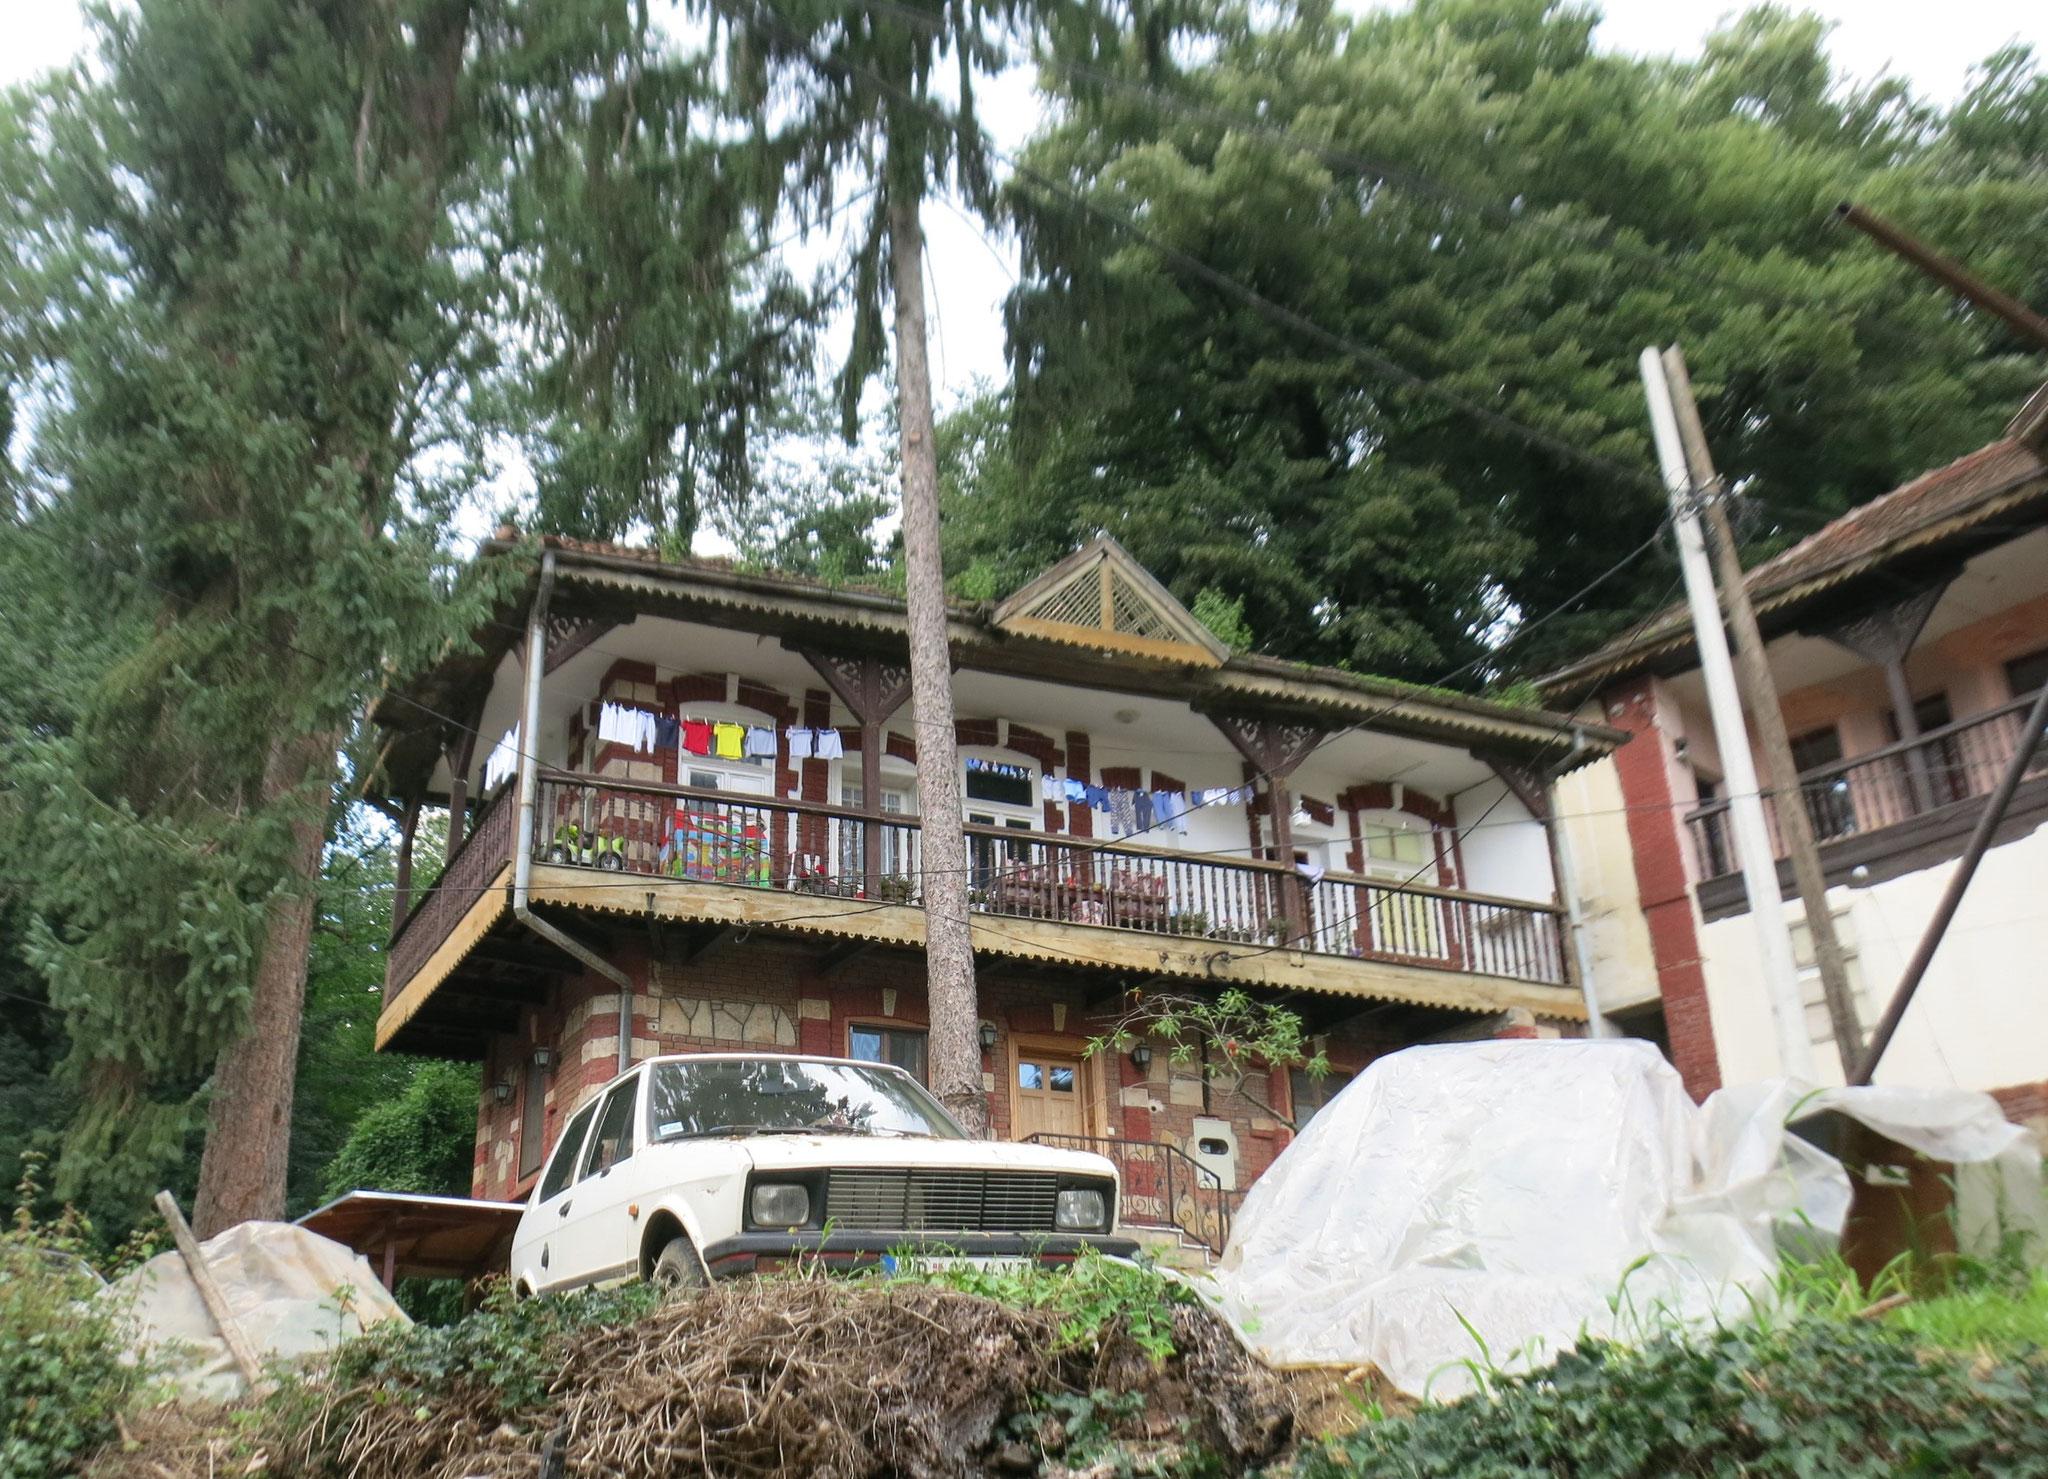 Casa típica de la región, sigue habitada.